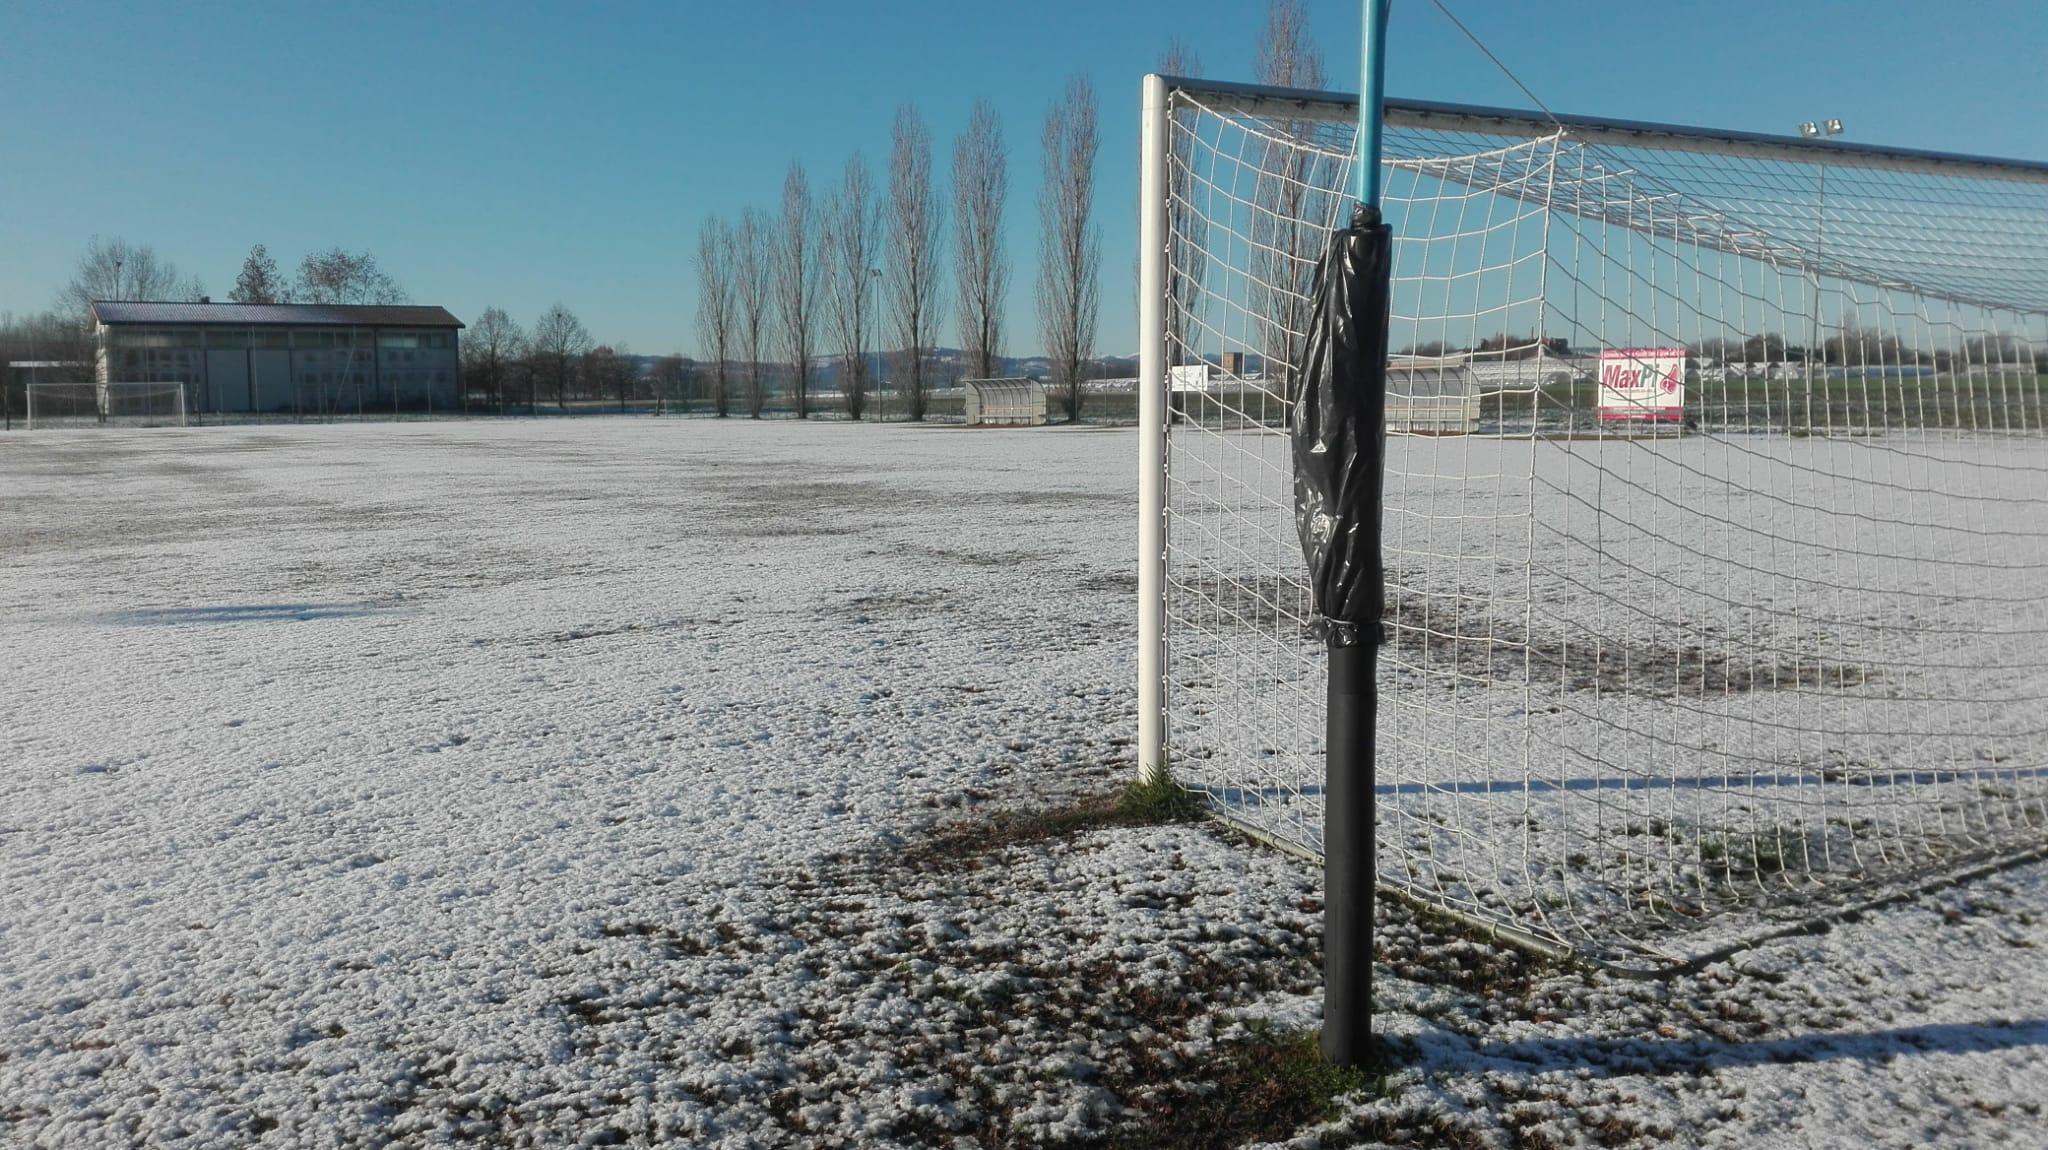 Il campo di Prunaro di Budrio sabato scorso. La partita dei Giovanissimi 2005 Elite si recupererà sabato 4 gennaio 2020.